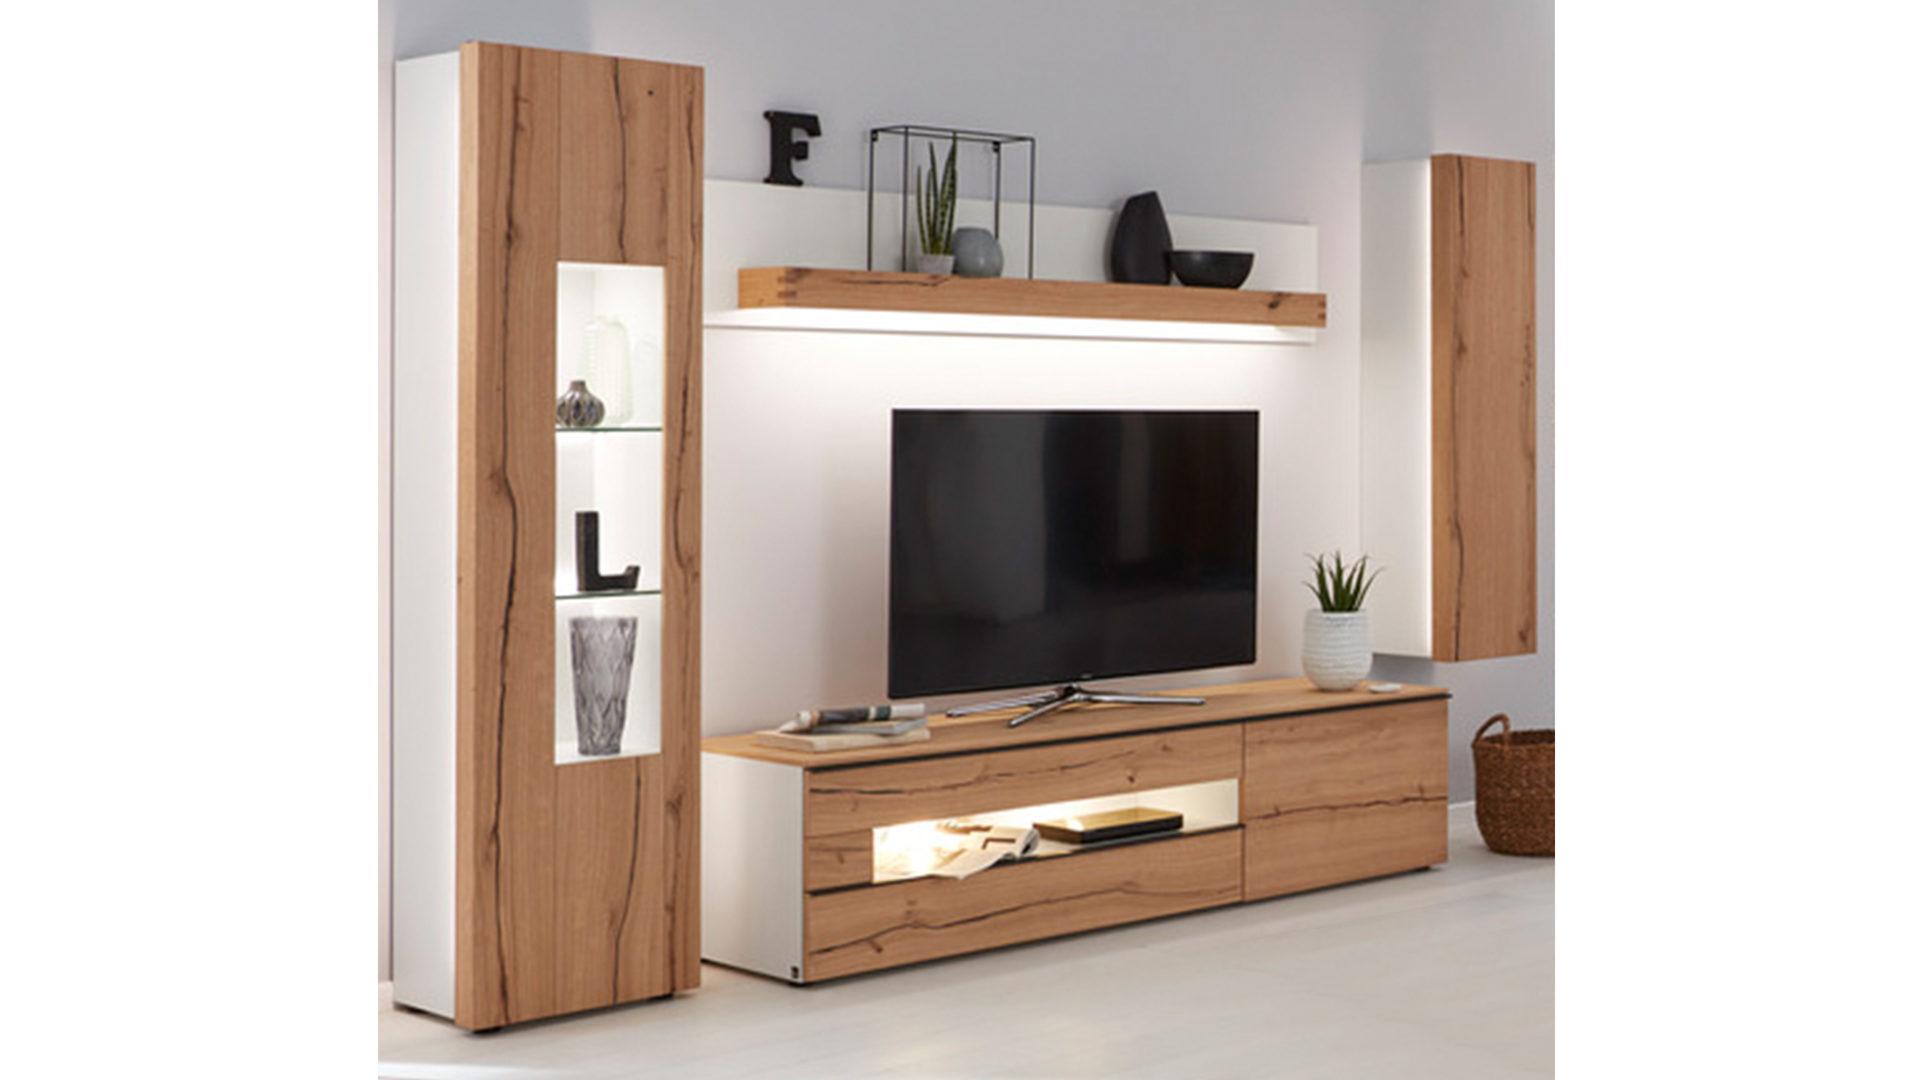 Wohnwand Die Hausmarke | Il Aus Holz In Weiß Interliving Wohnzimmer Serie  2103 U2013 Wohnwand Mattweißer